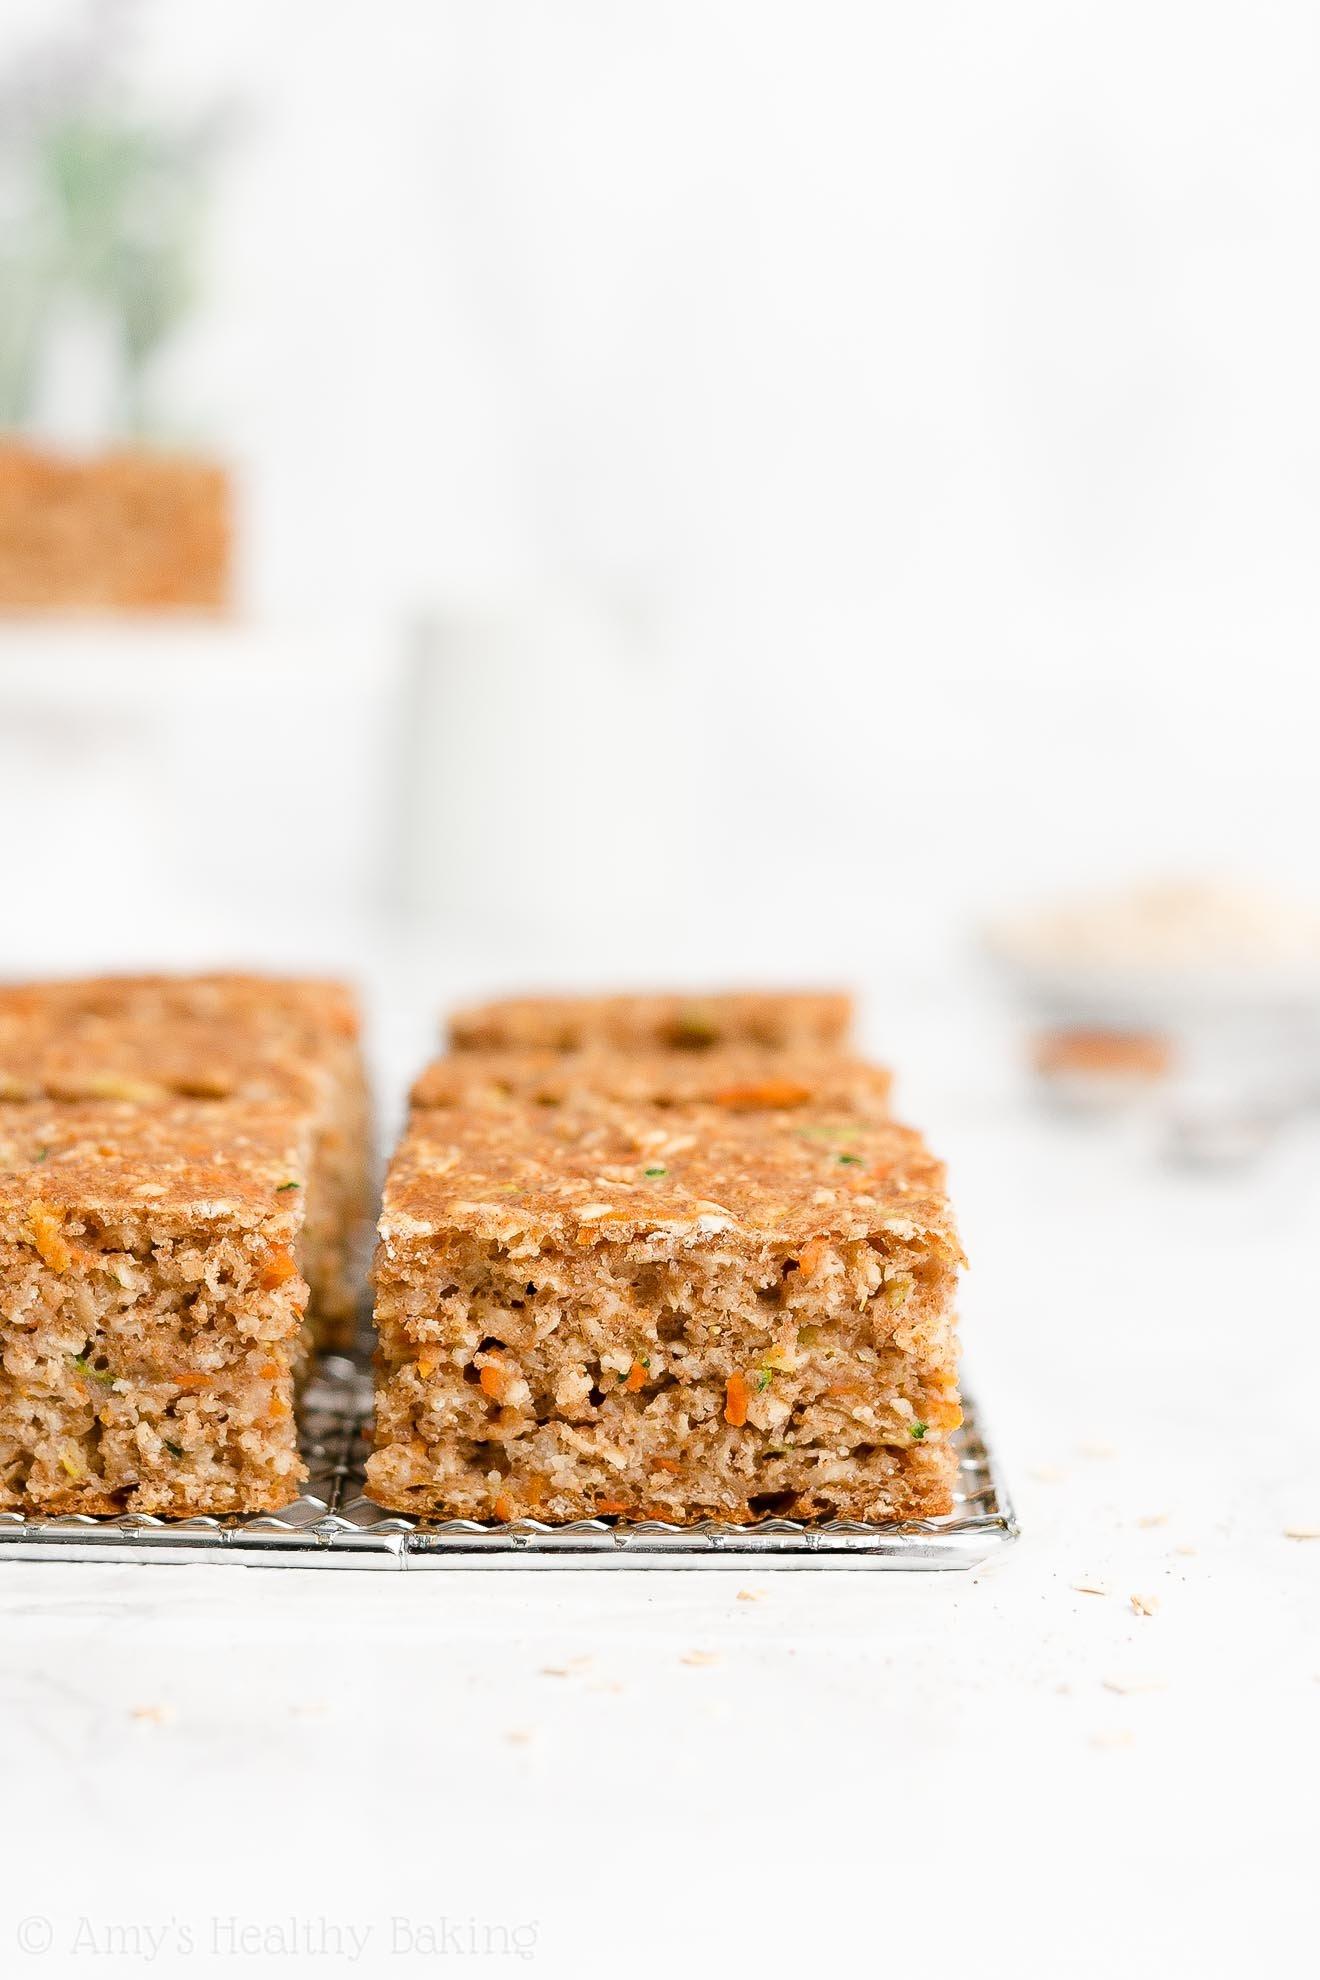 Easy Healthy Gluten Free Low Fat Moist Carrot Zucchini Oatmeal Snack Cake